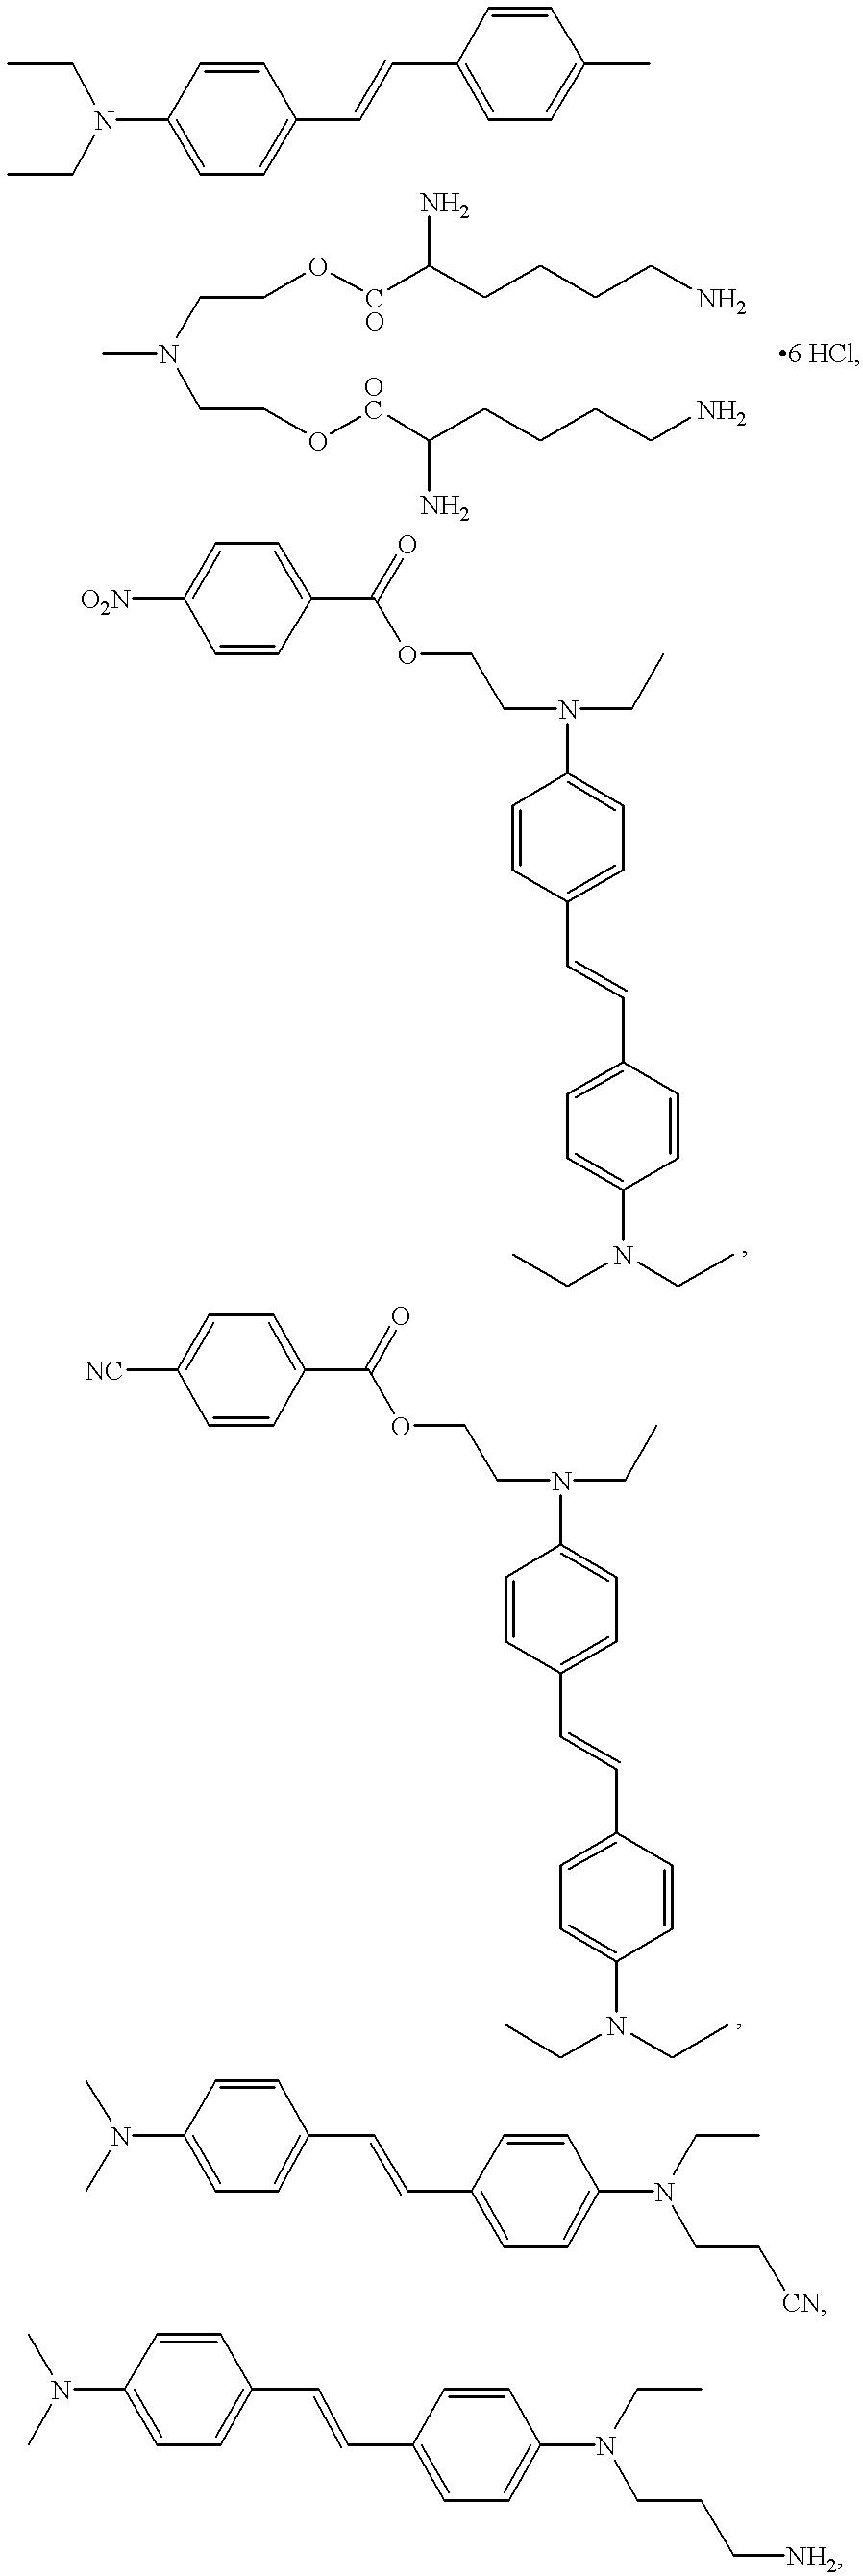 Figure US06267913-20010731-C00138